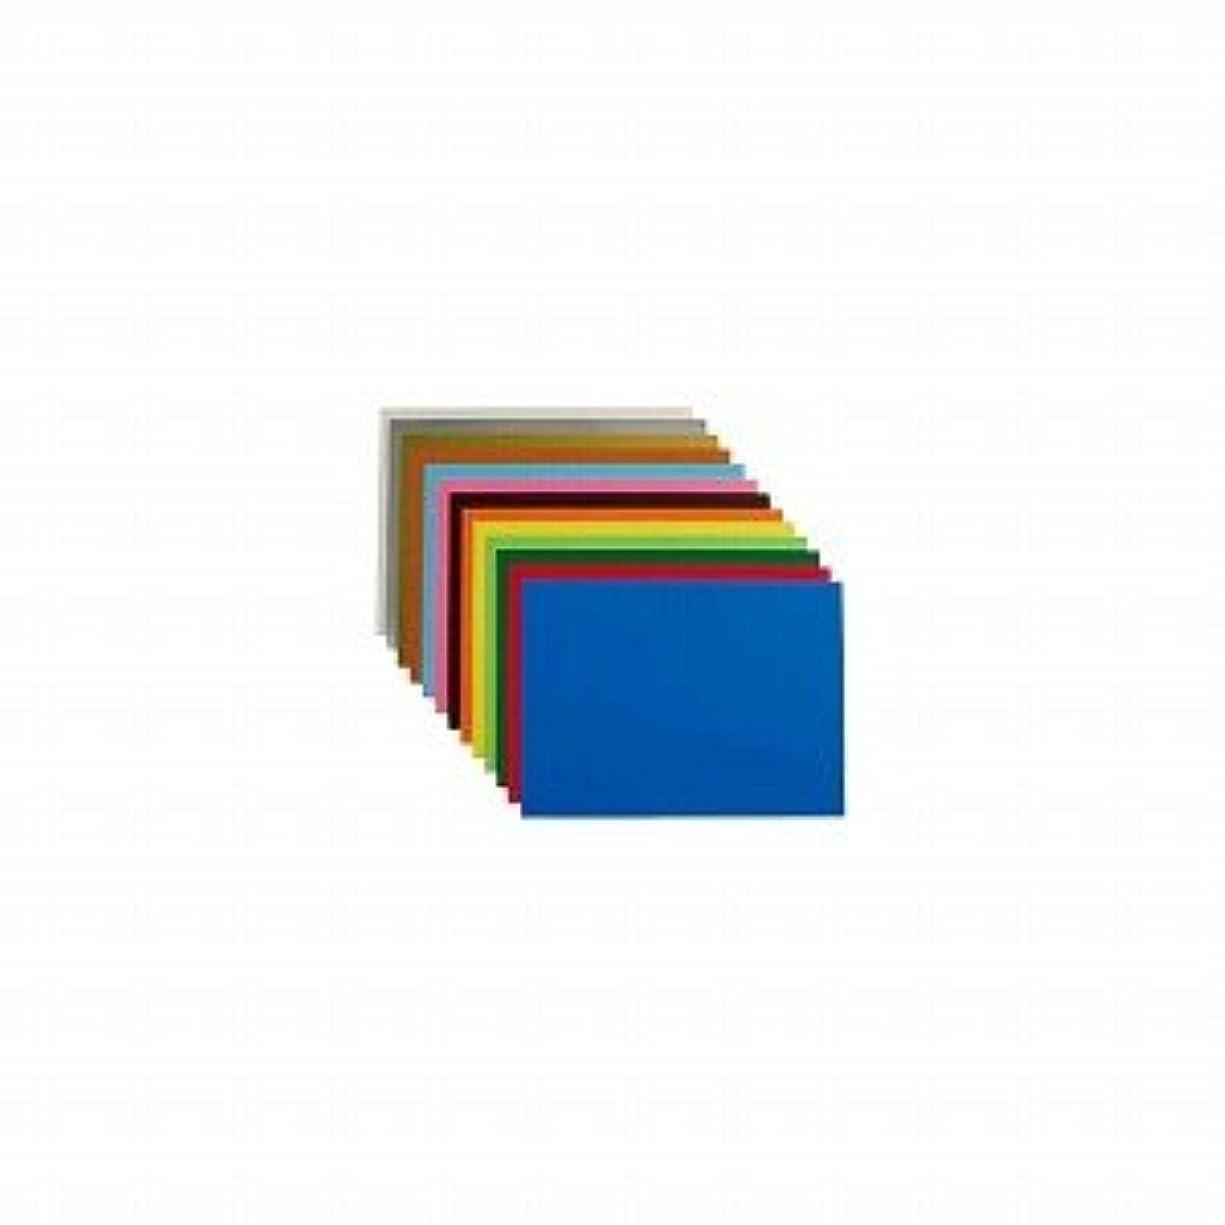 徹底的にまさにキャプションアピカ 学用品 カラー工作用紙 L判?4切 オレンジ Cコウサク-46 / 50セット